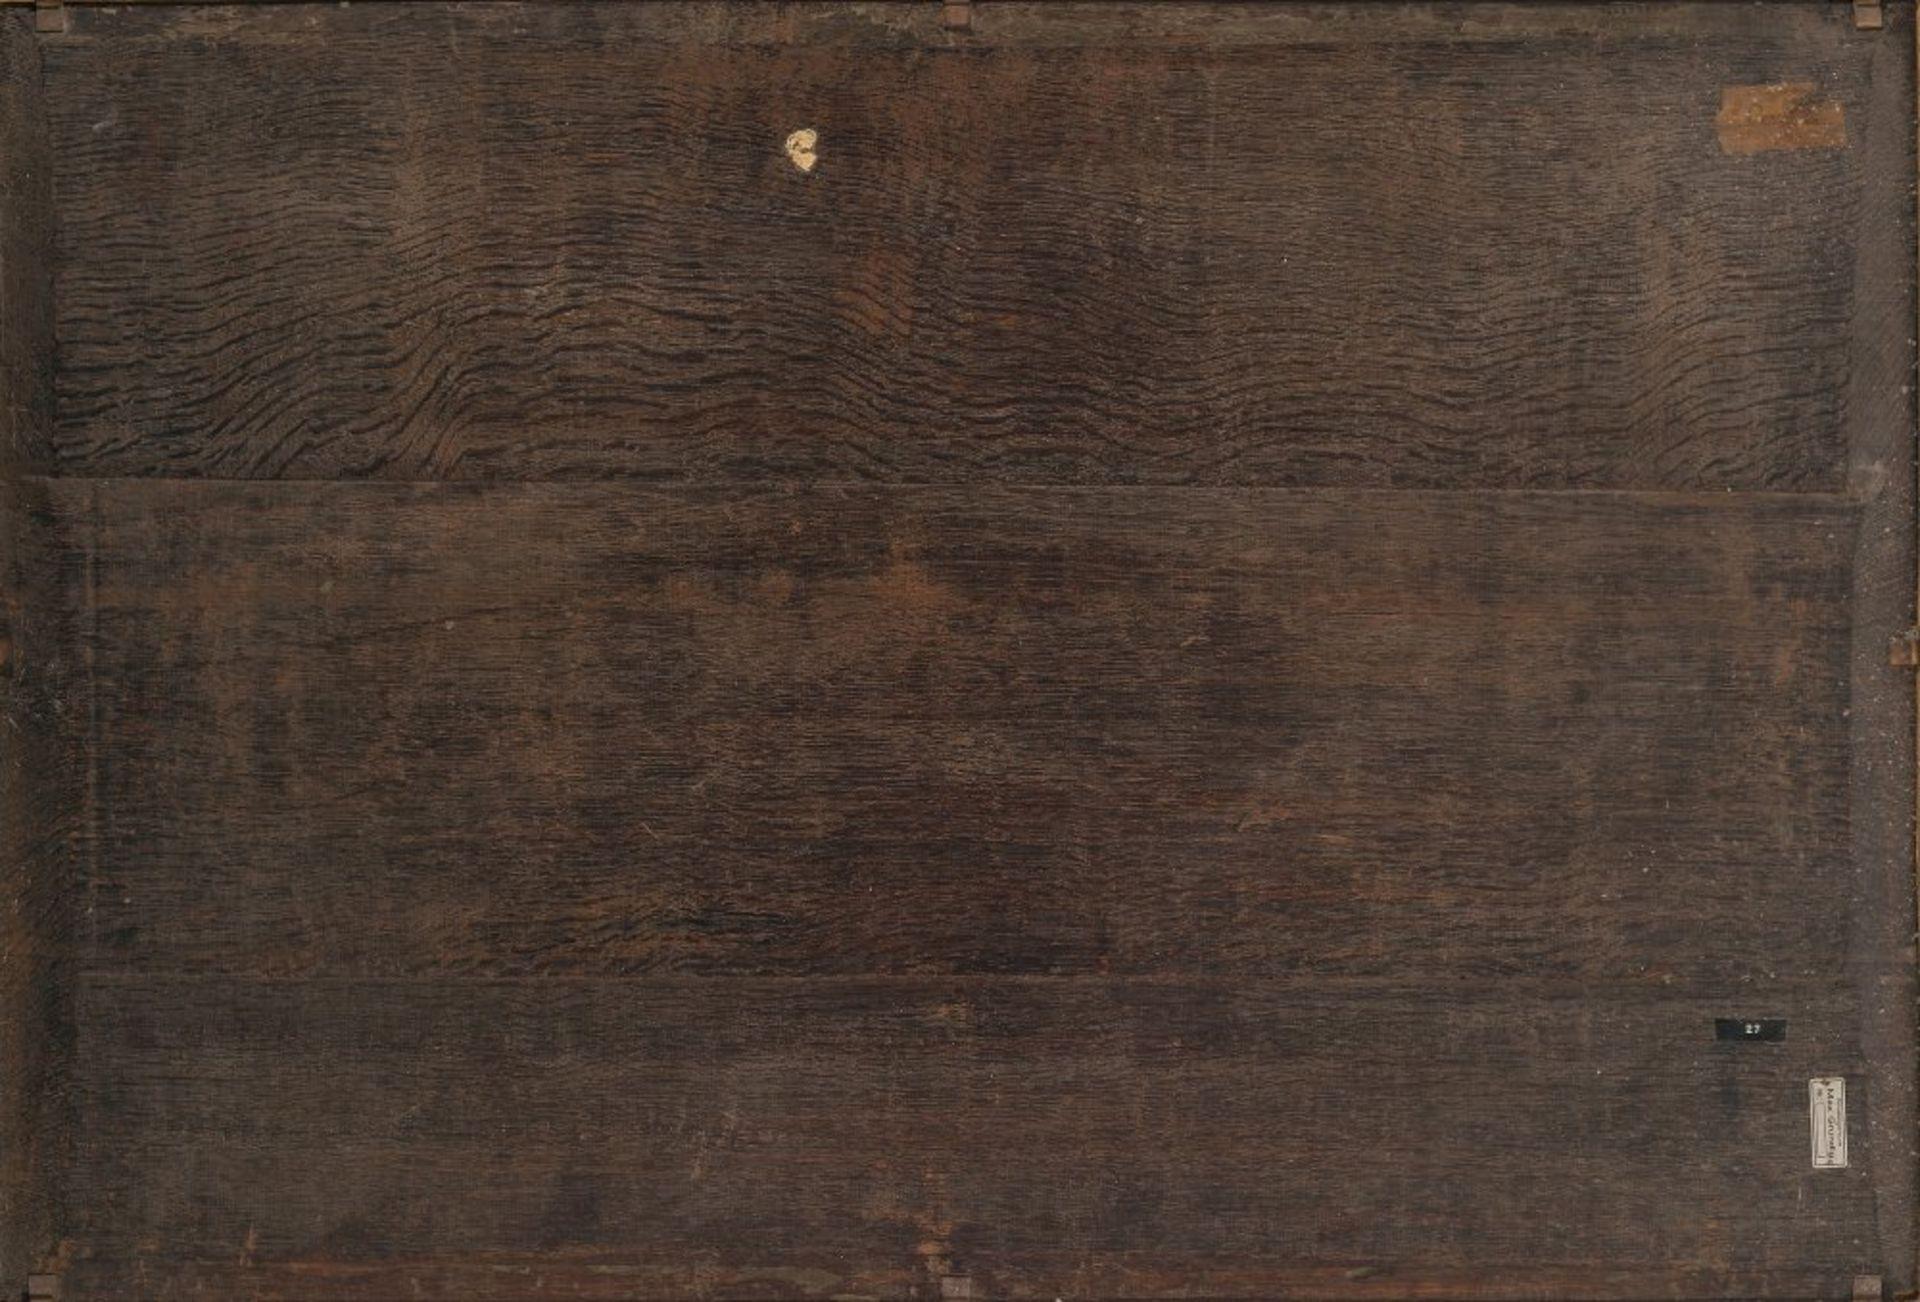 Palamedesz, PalamedesReitergefecht. Öl/Holz. 73 x 107 cm. Sign.Palamedesz, PalamedesEquestrian - Bild 2 aus 3